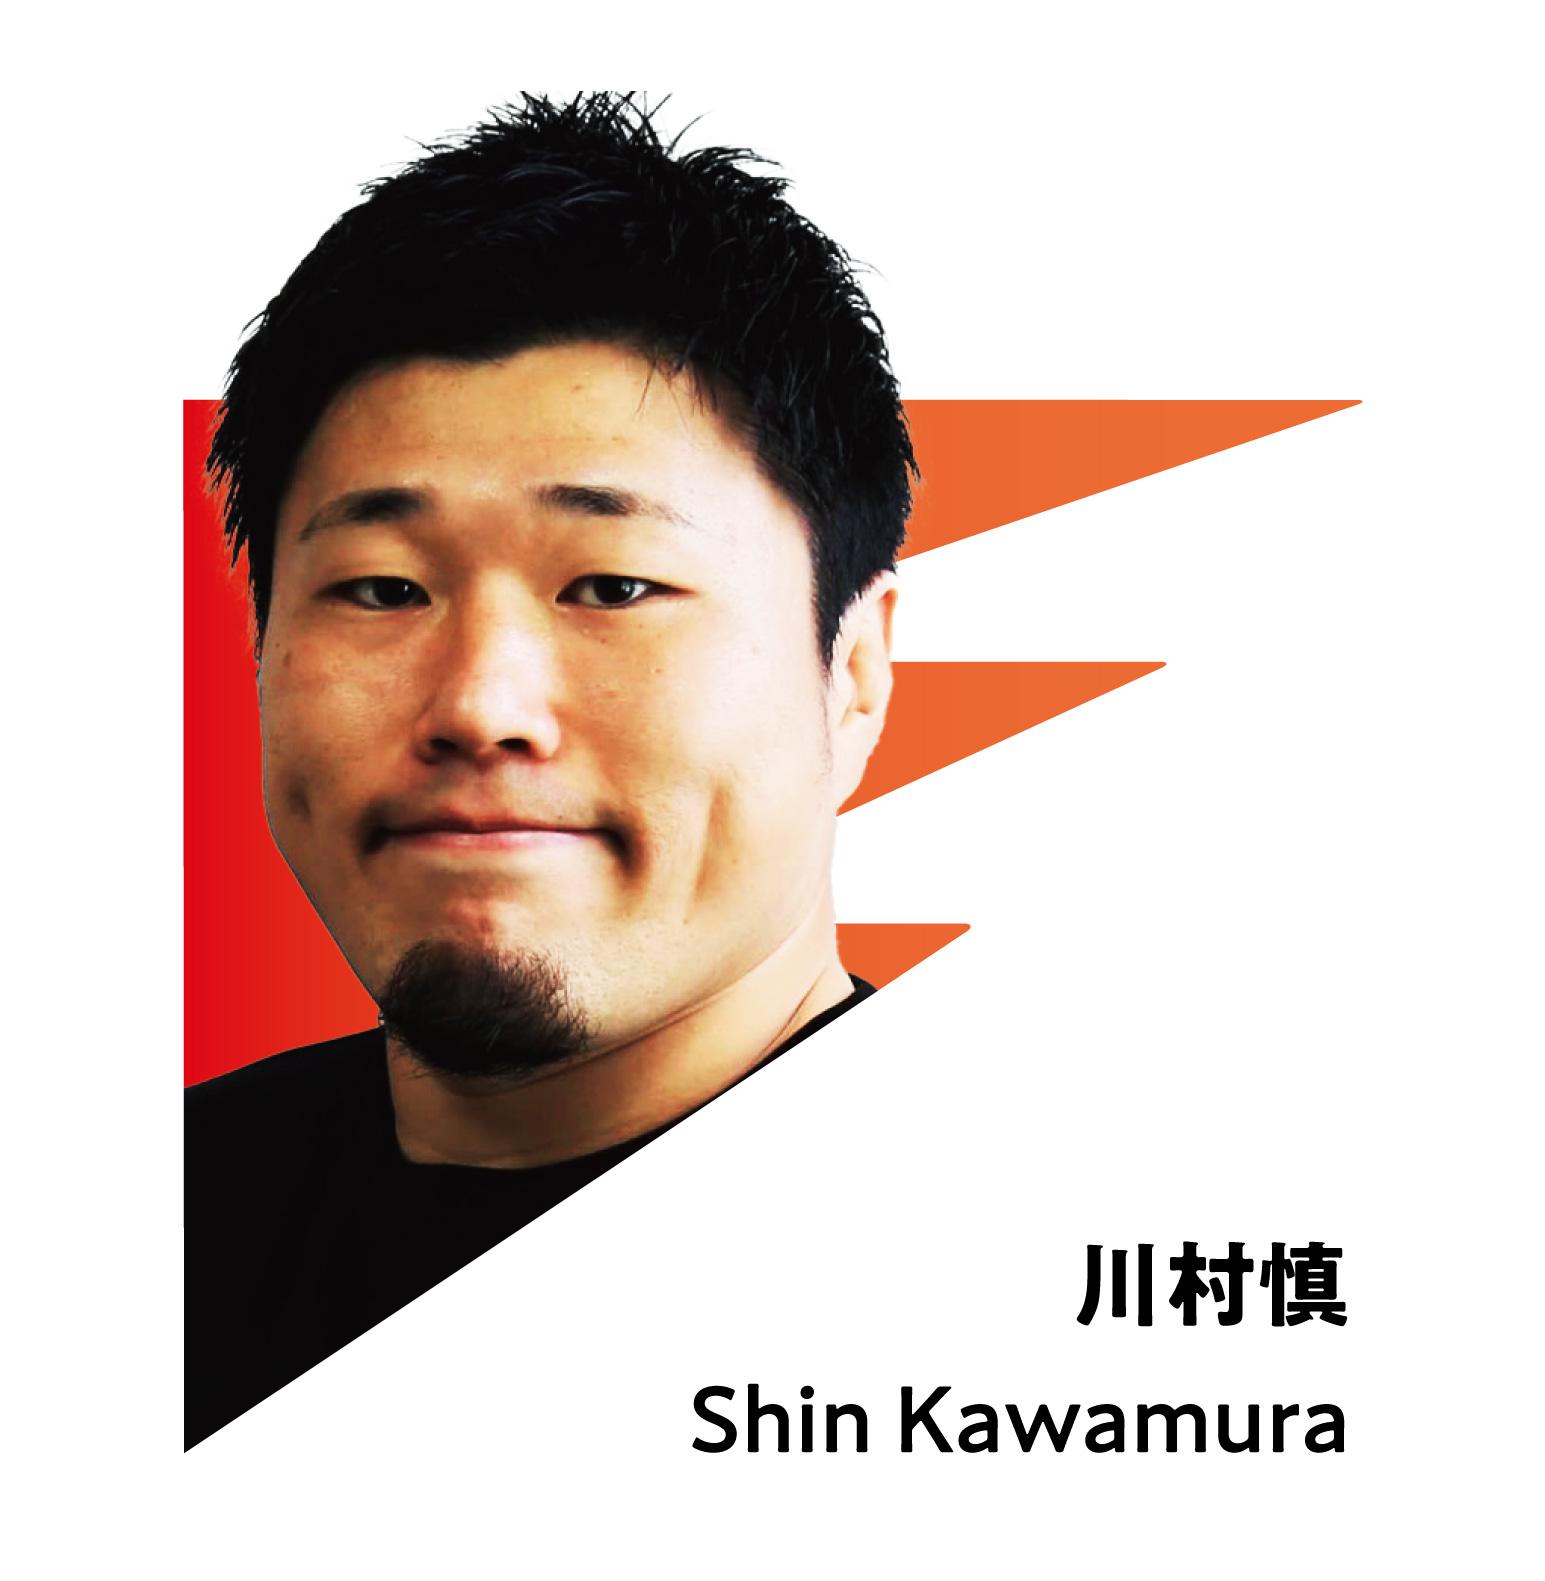 SHIN KAWAMURA